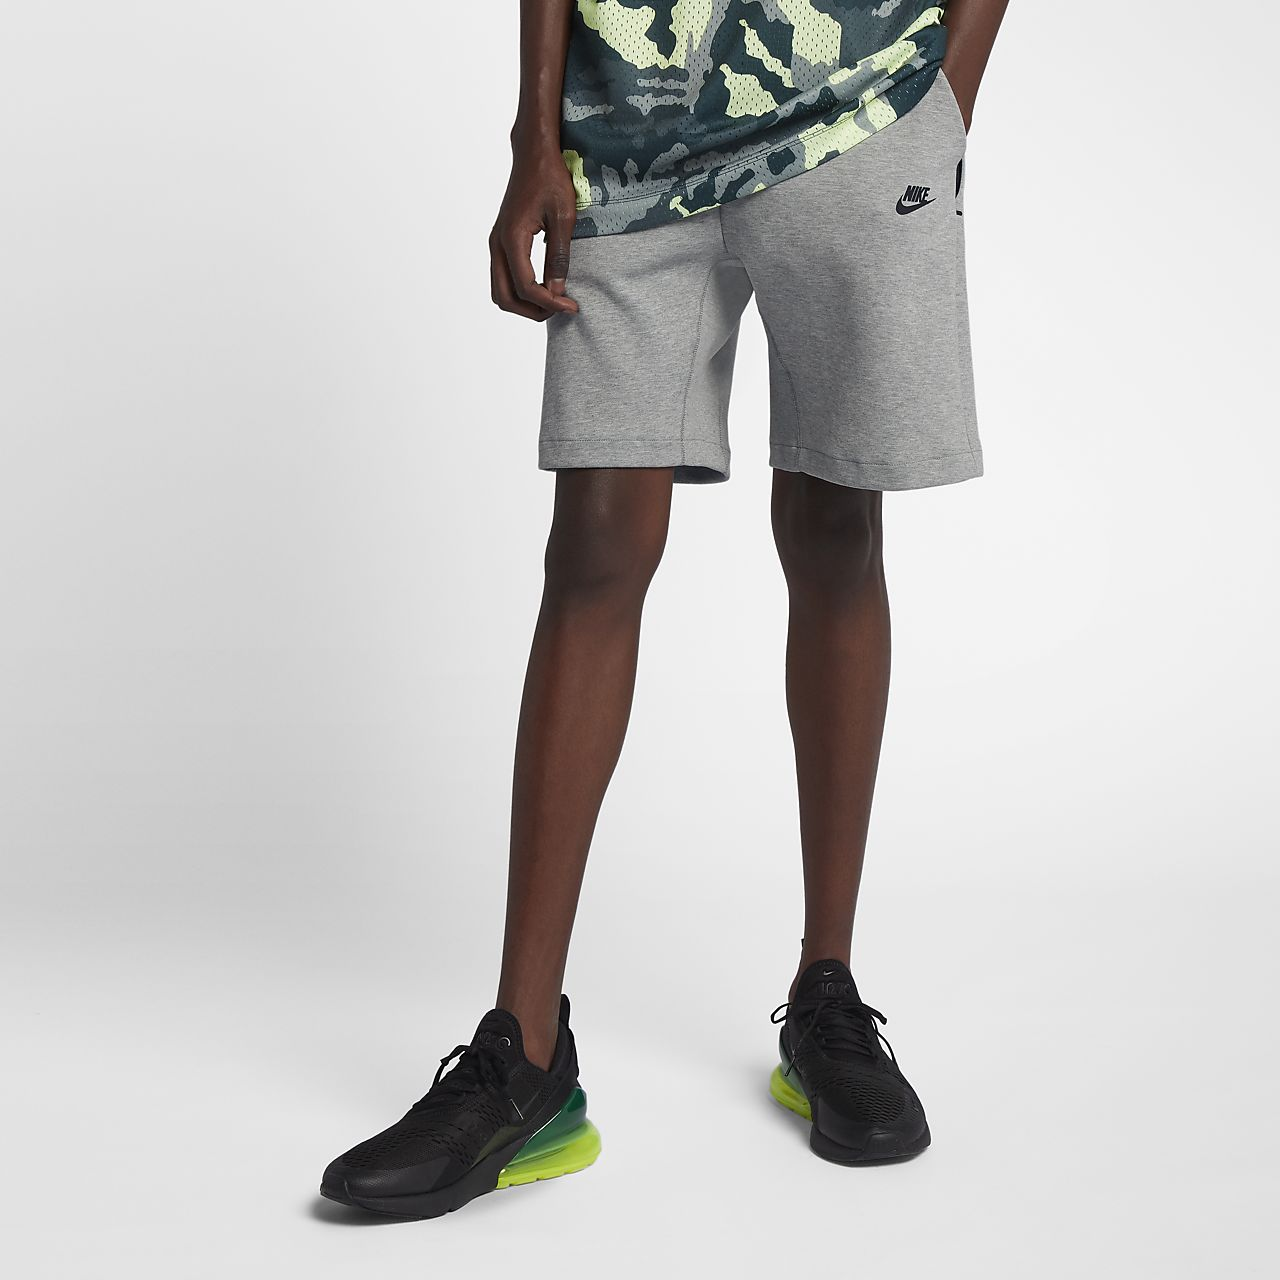 Nike Sportswear Tech Fleece 男子针织短裤